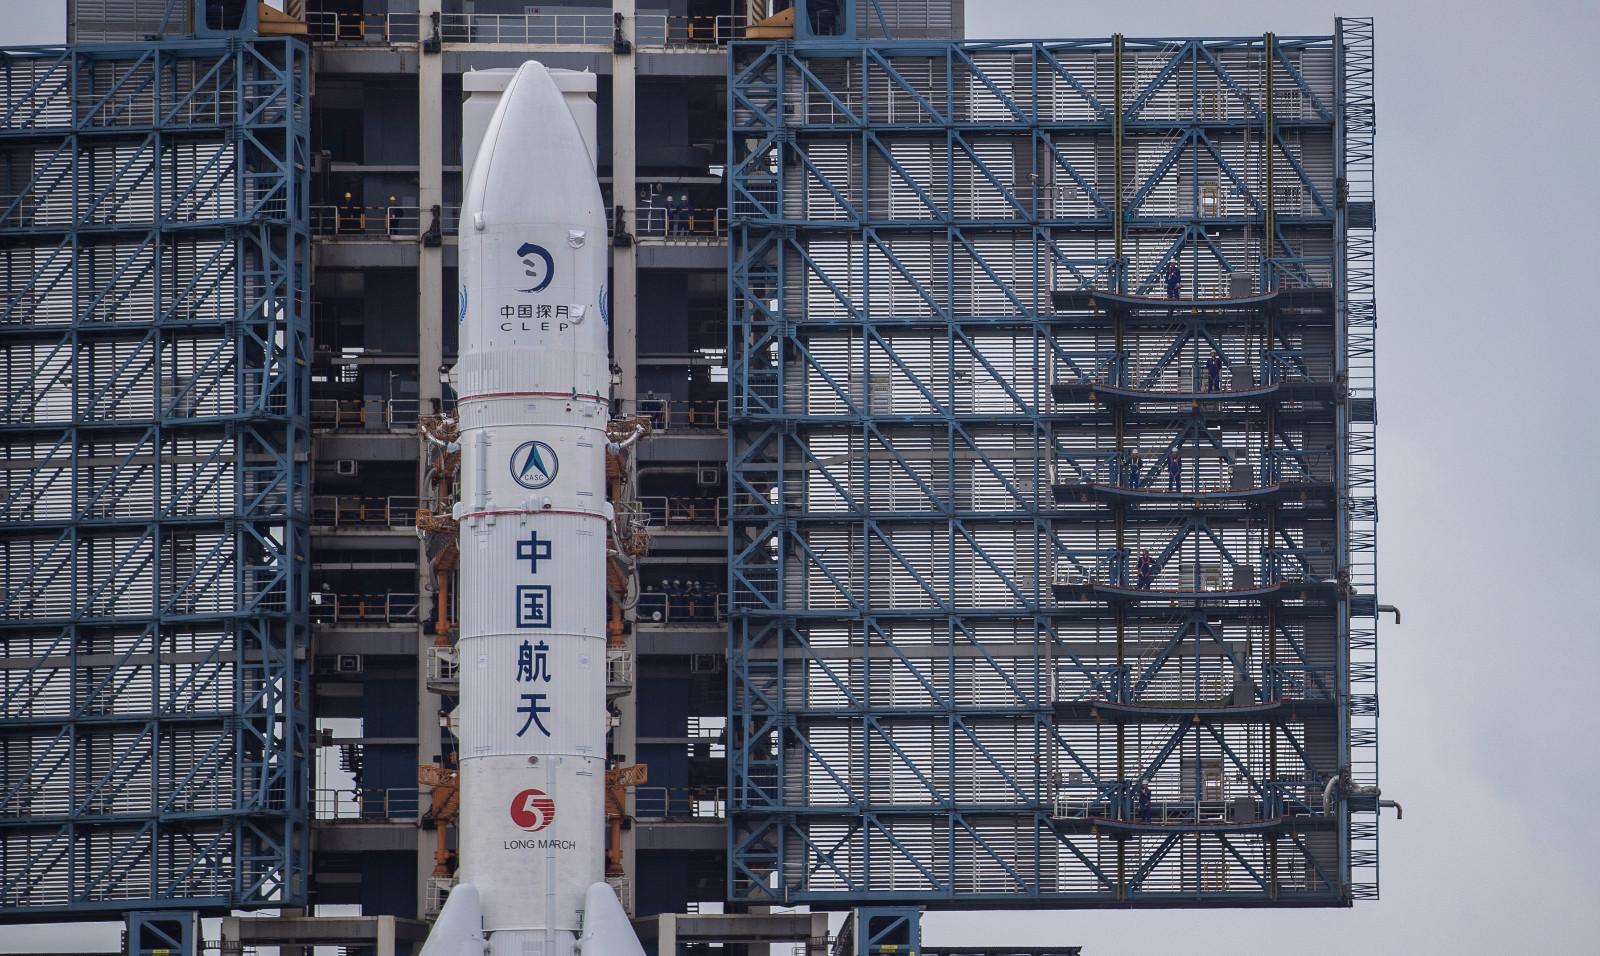 """原创组图 """"长五""""和""""嫦五""""已就位 计划11月下旬在文昌发射"""